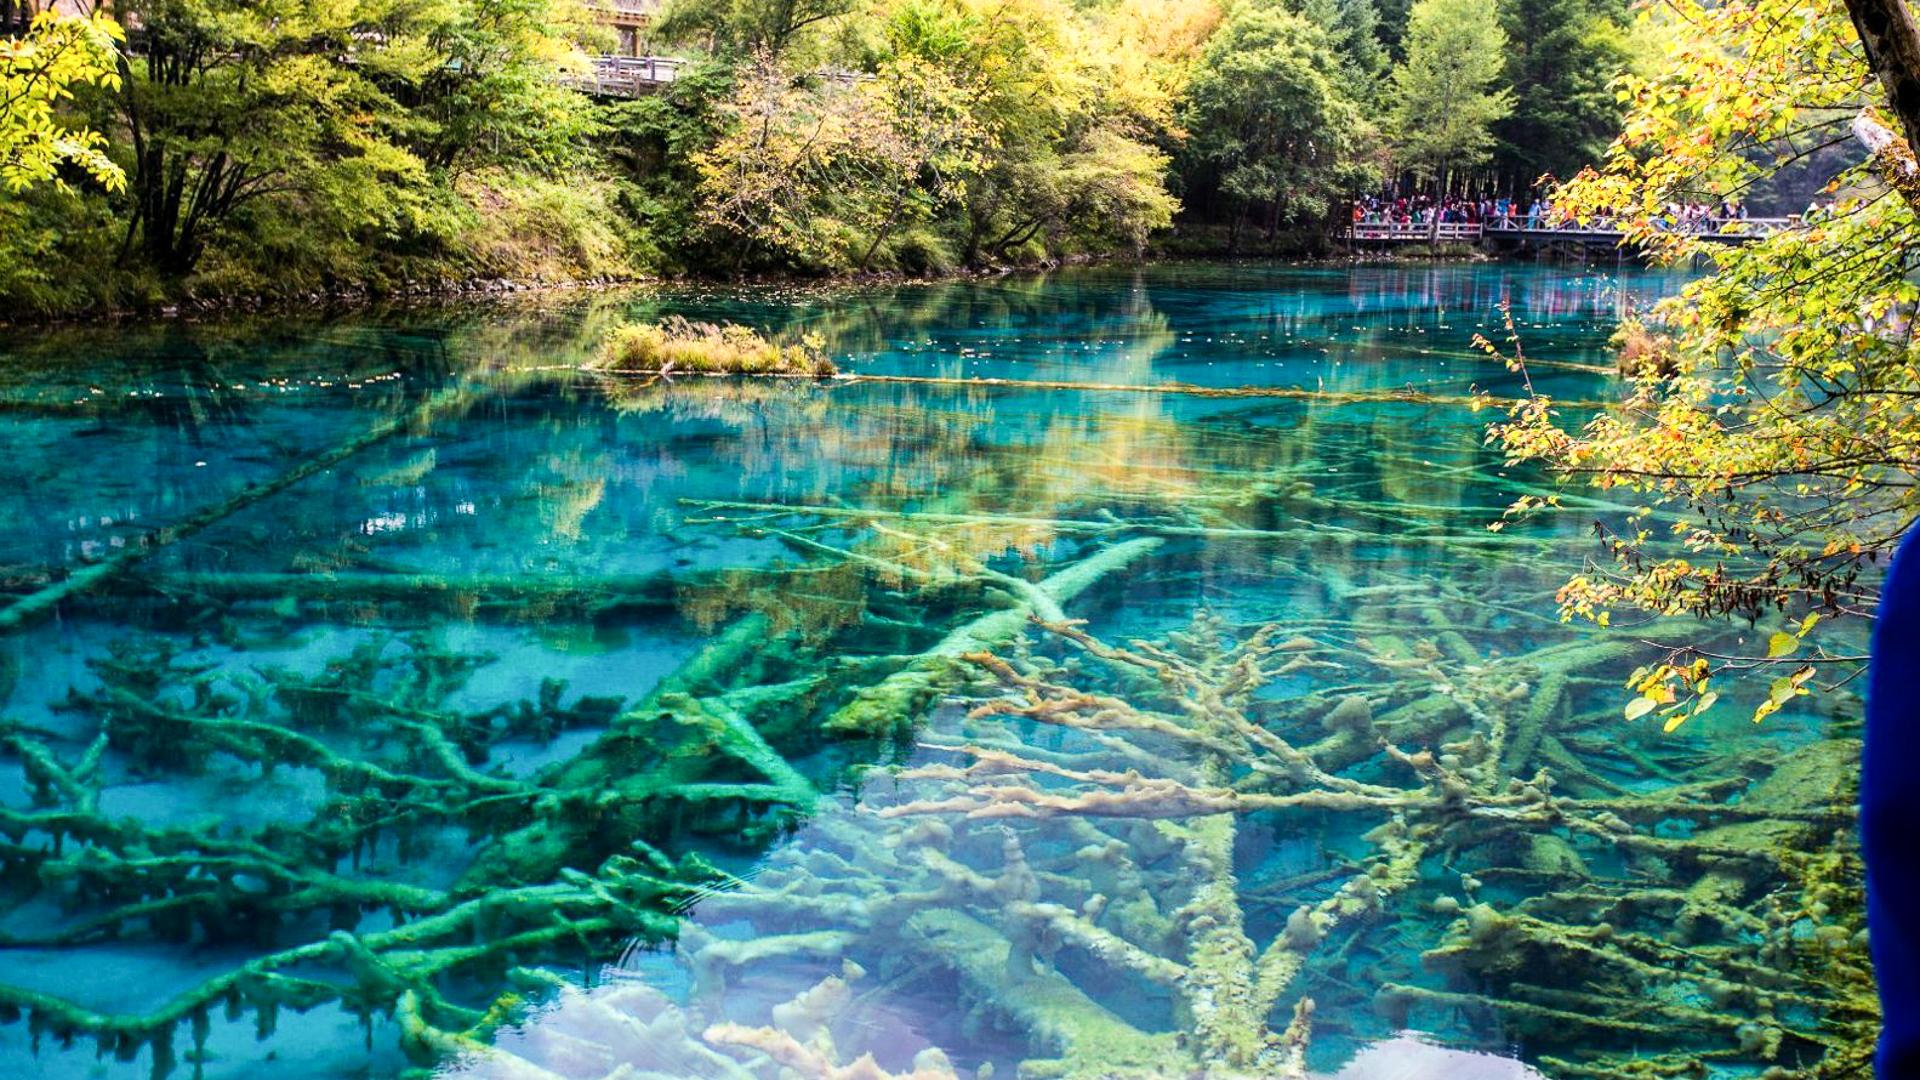 中国最著名5个景区,深受国内外游客喜爱,去过都说好